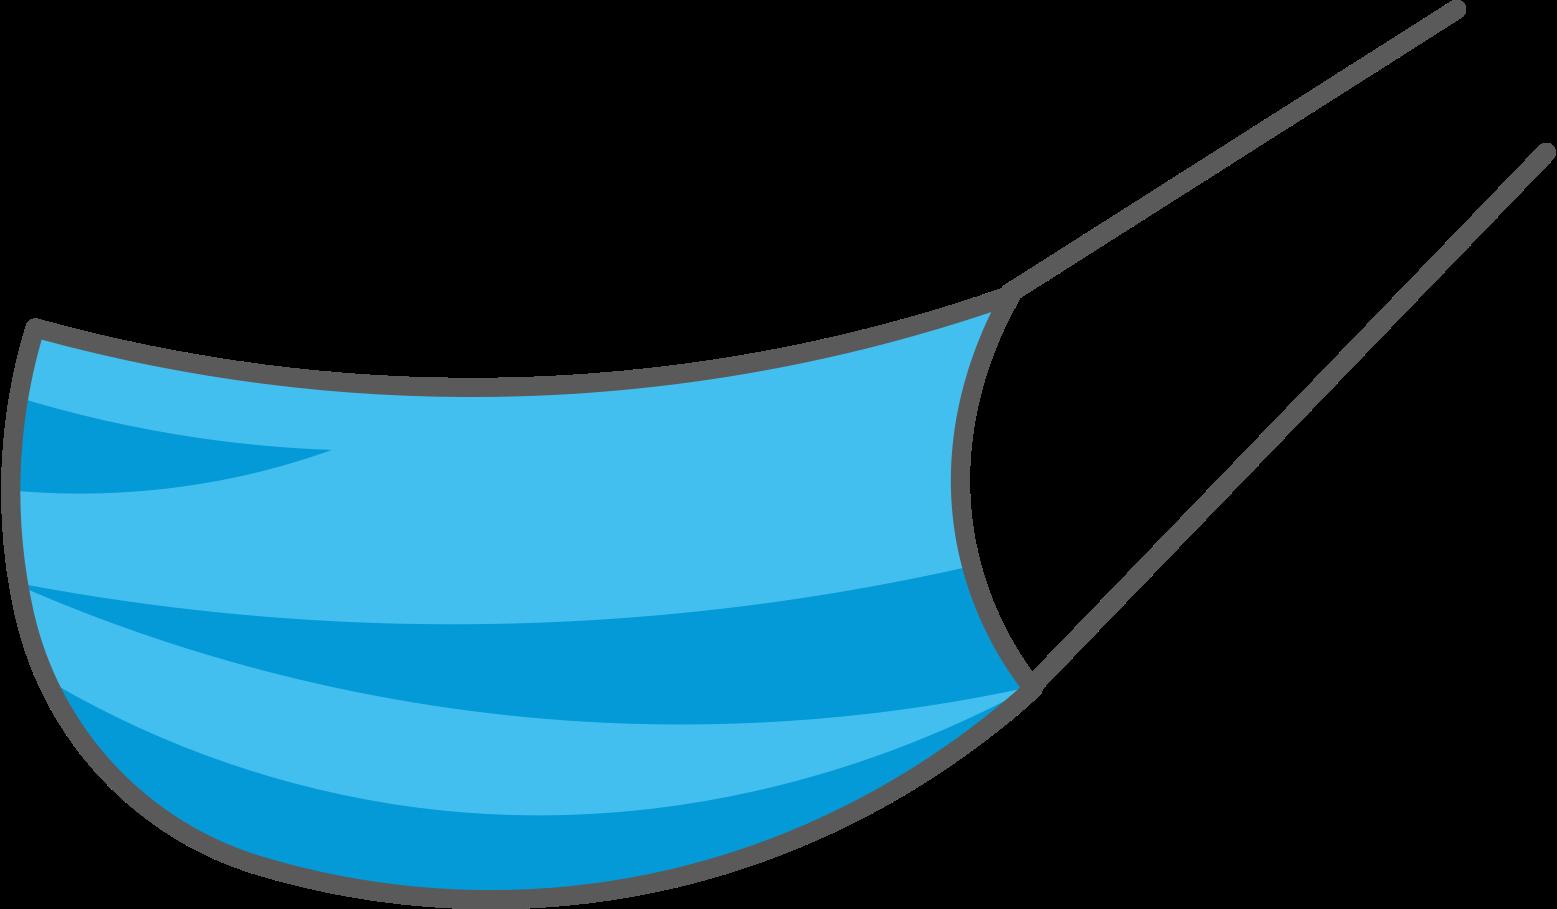 mask Clipart illustration in PNG, SVG